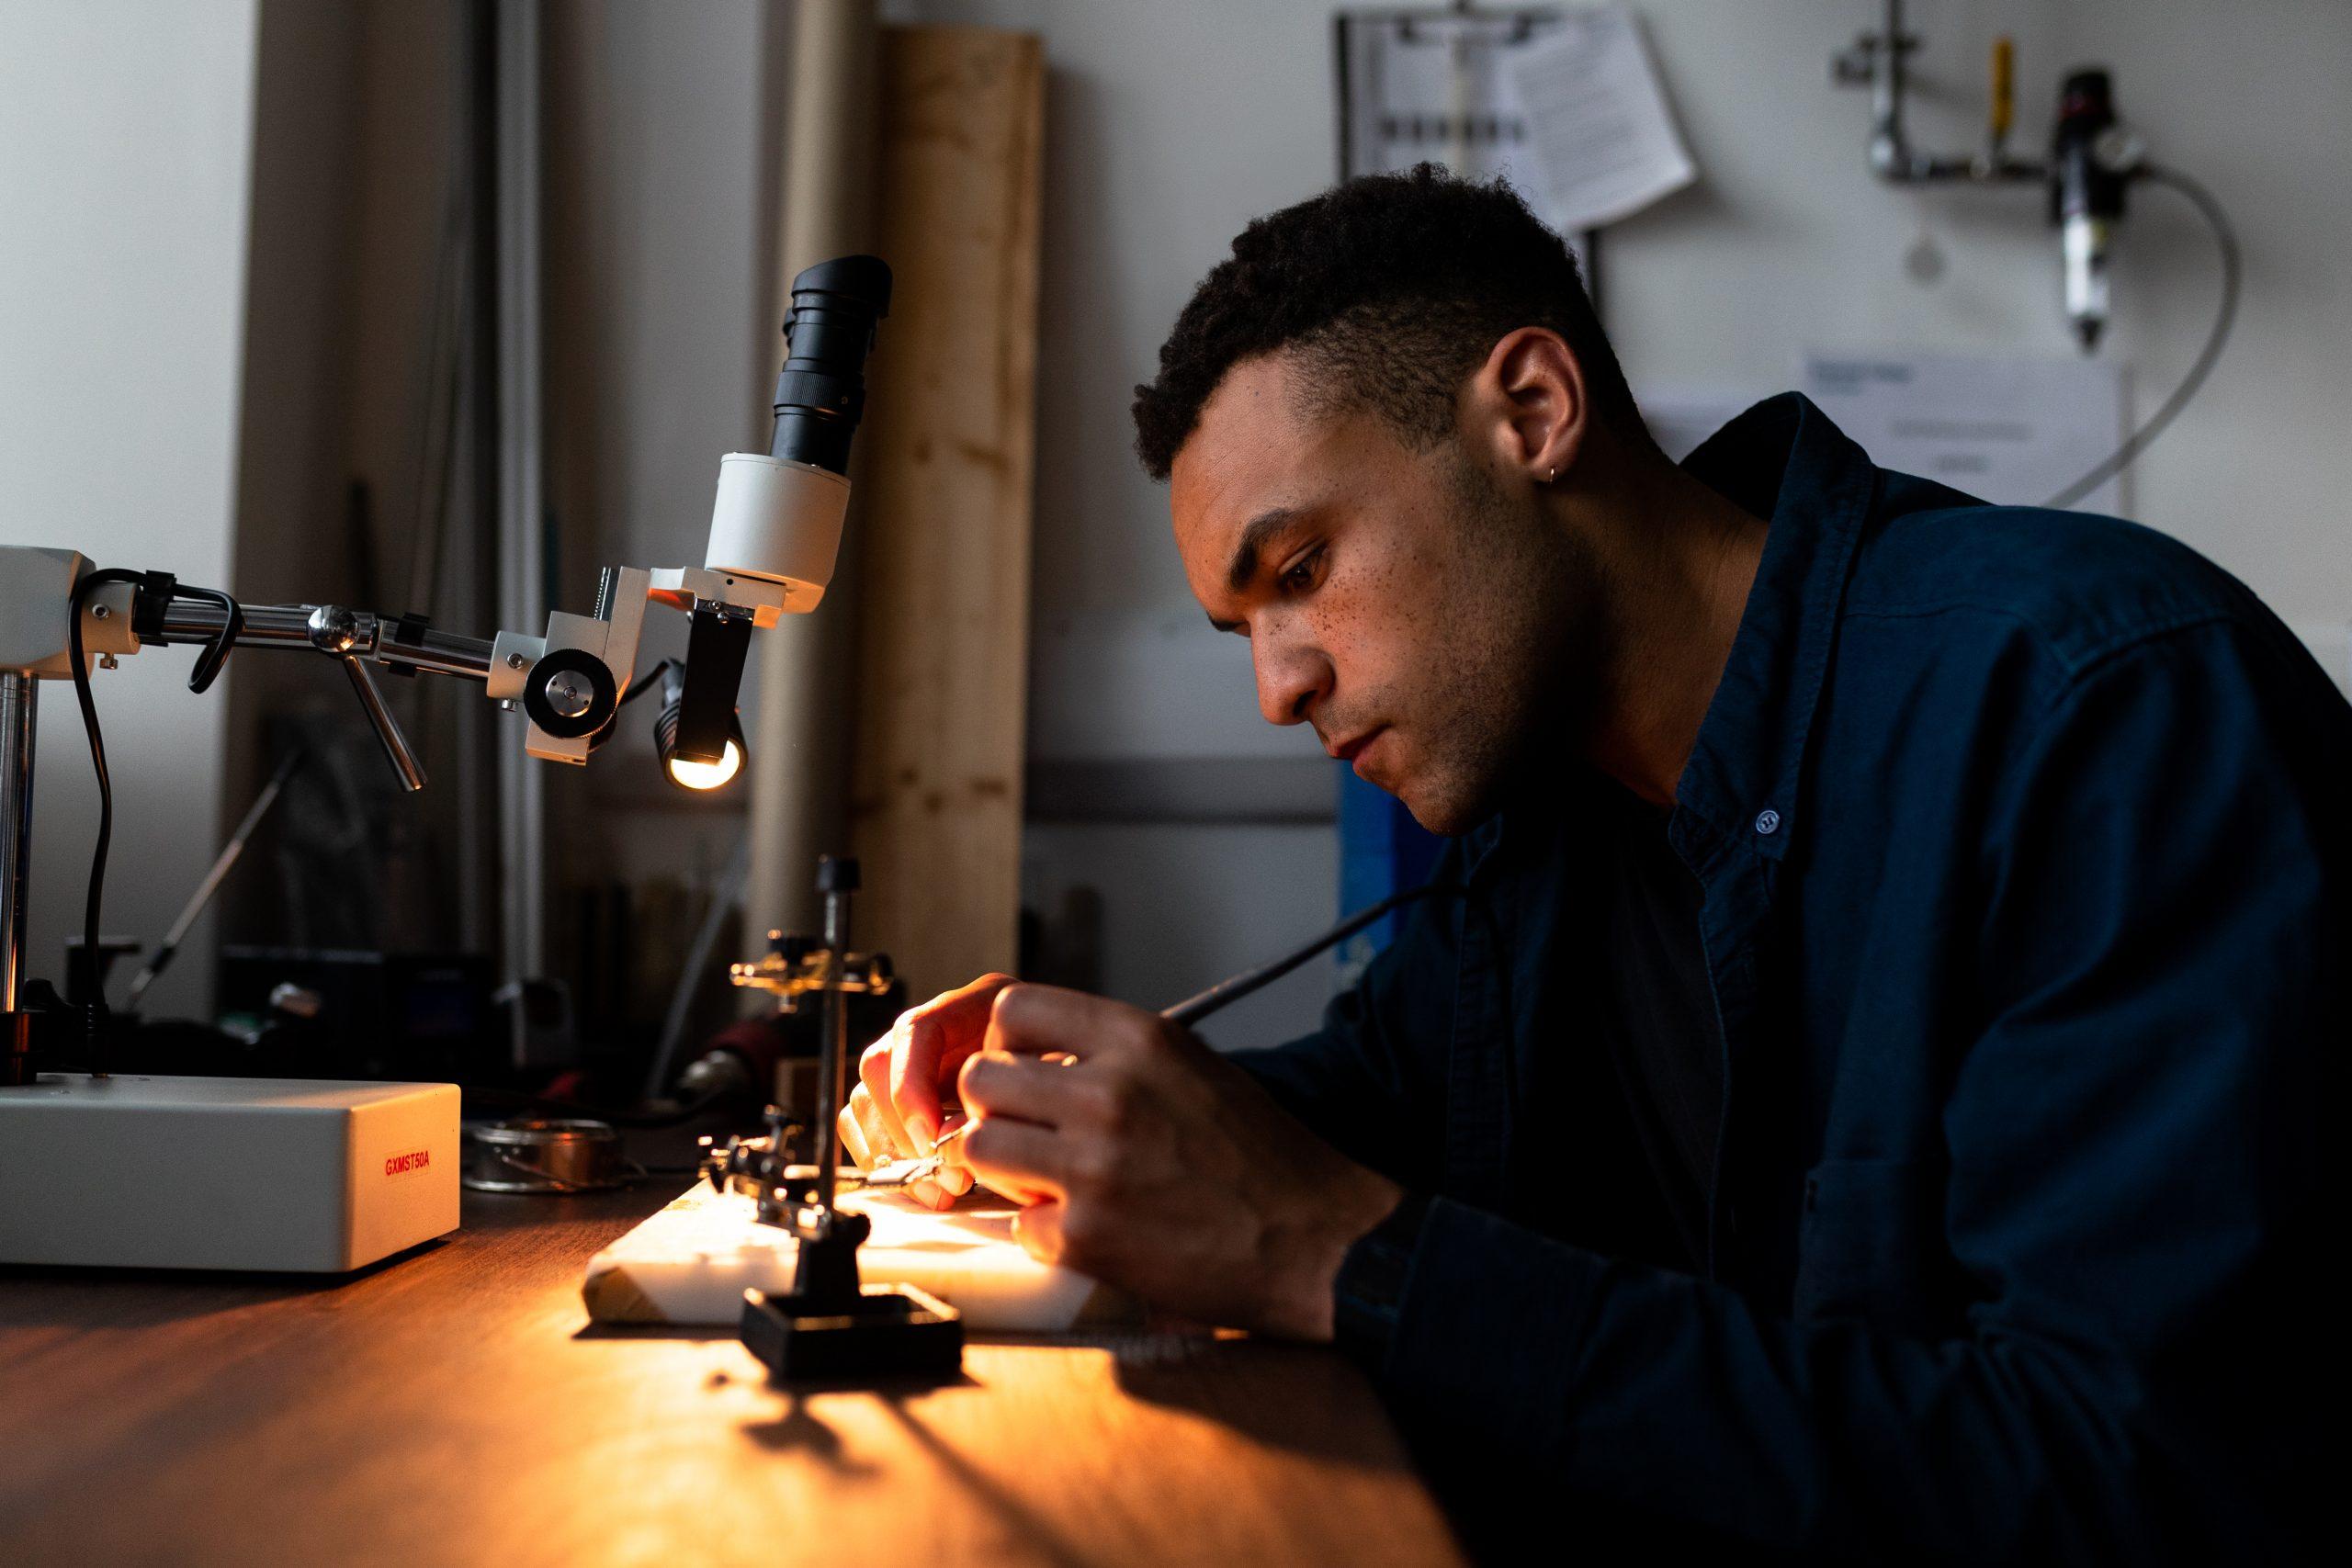 Mechanical engineer soldering in workshop